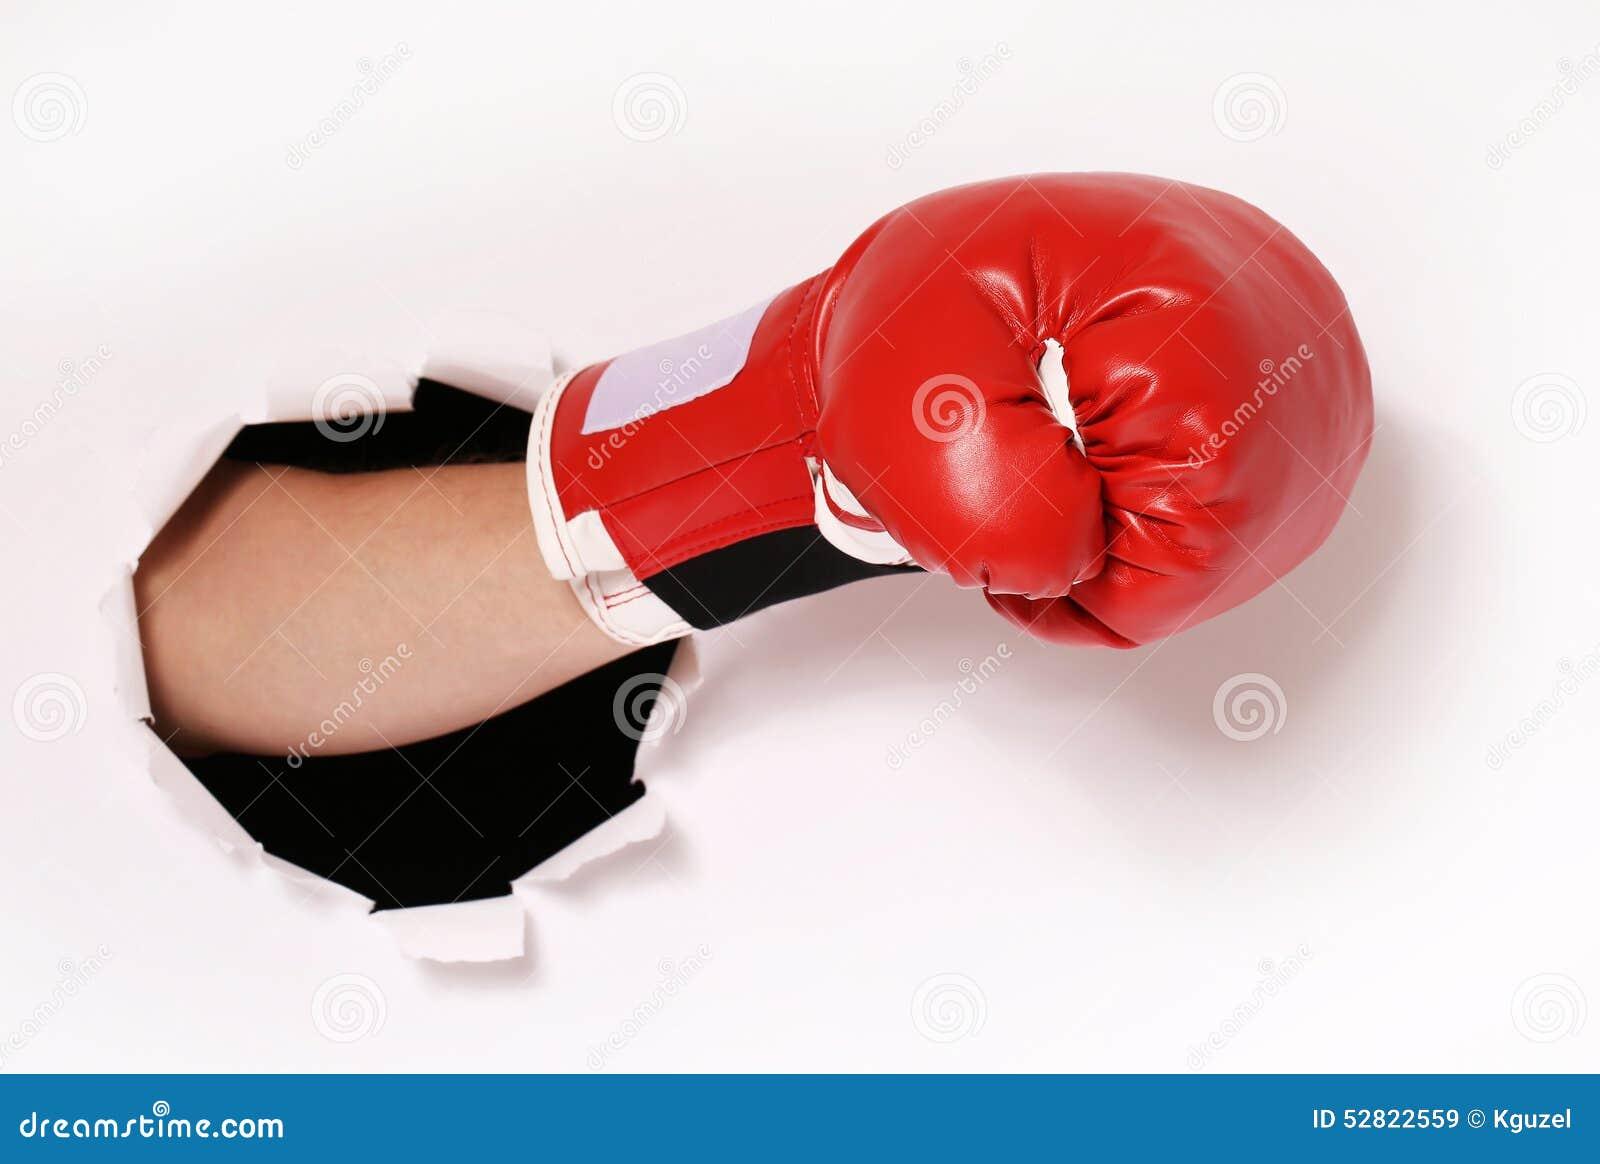 Если боксерские перчатки на ваших руках — победа будет за вами.